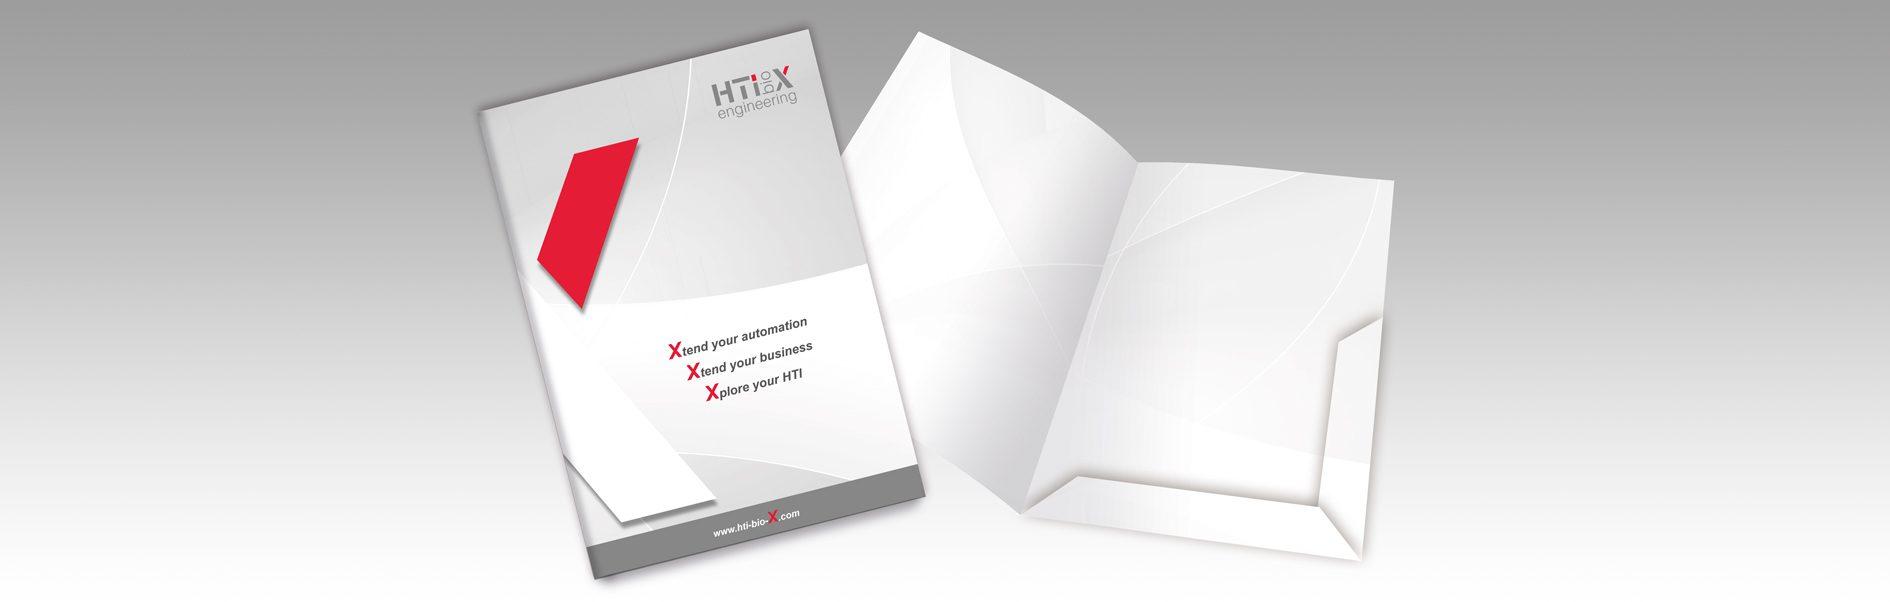 Hier ist die Imagemappe von HTIbioX abgebildet.